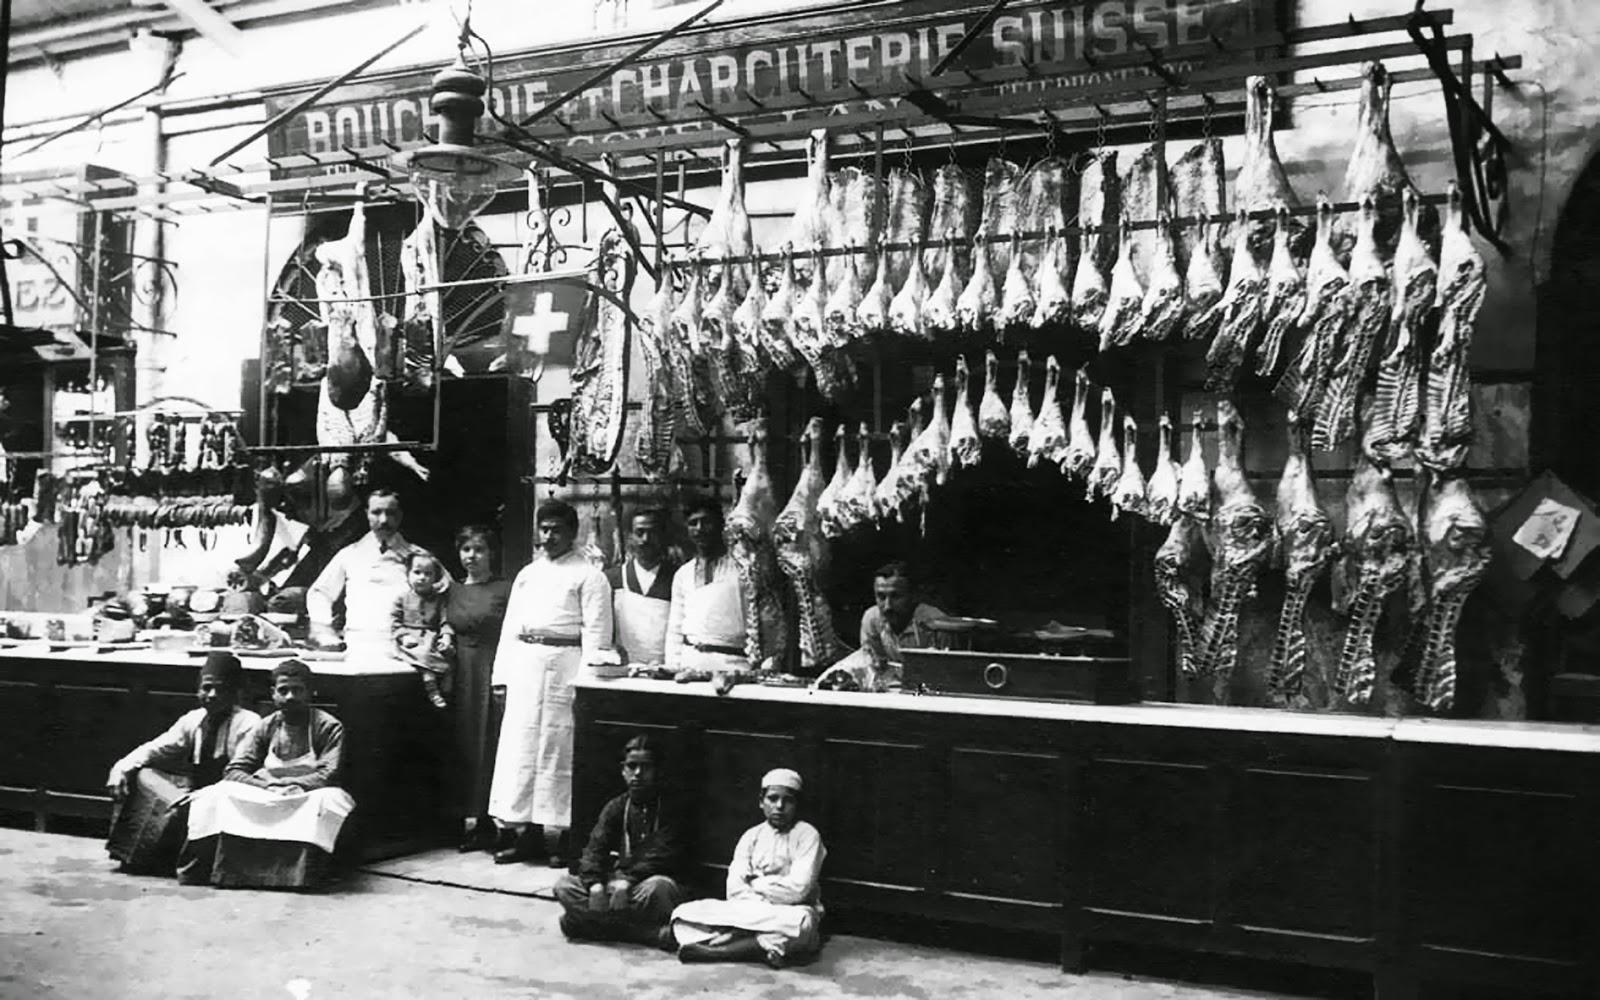 سلسلة اللطائف المصورة - صفحة 2 The-Swiss-butcher-in-Alexandria_30s